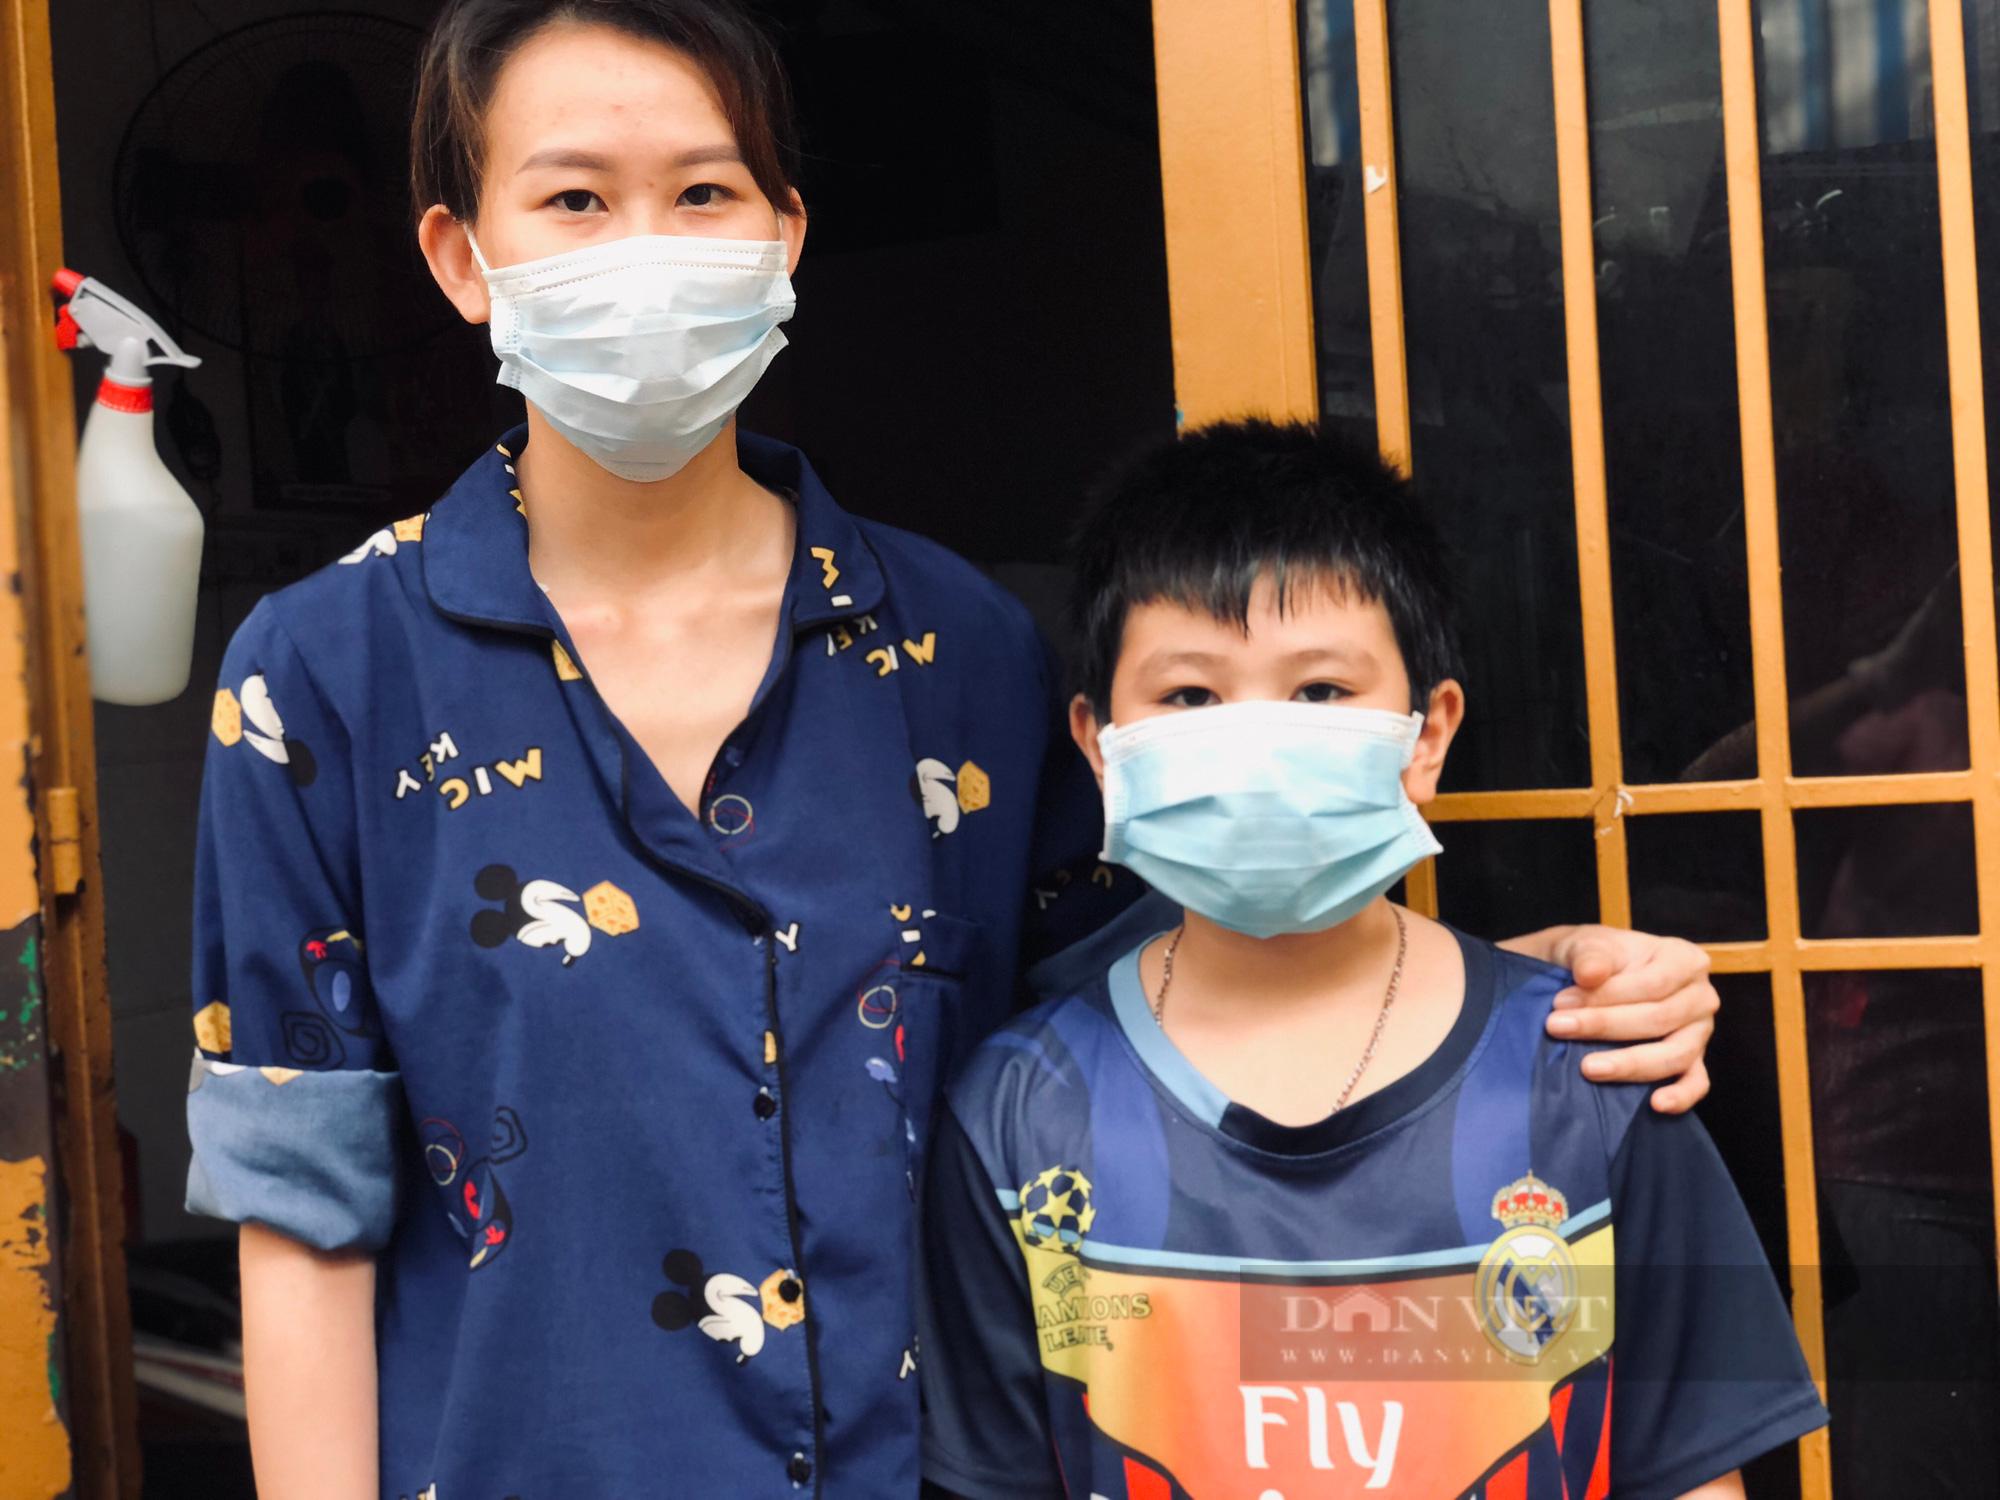 Những đứa trẻ trong đại dịch Covid-19: Nỗi đau chồng chất nỗi đau - Ảnh 2.